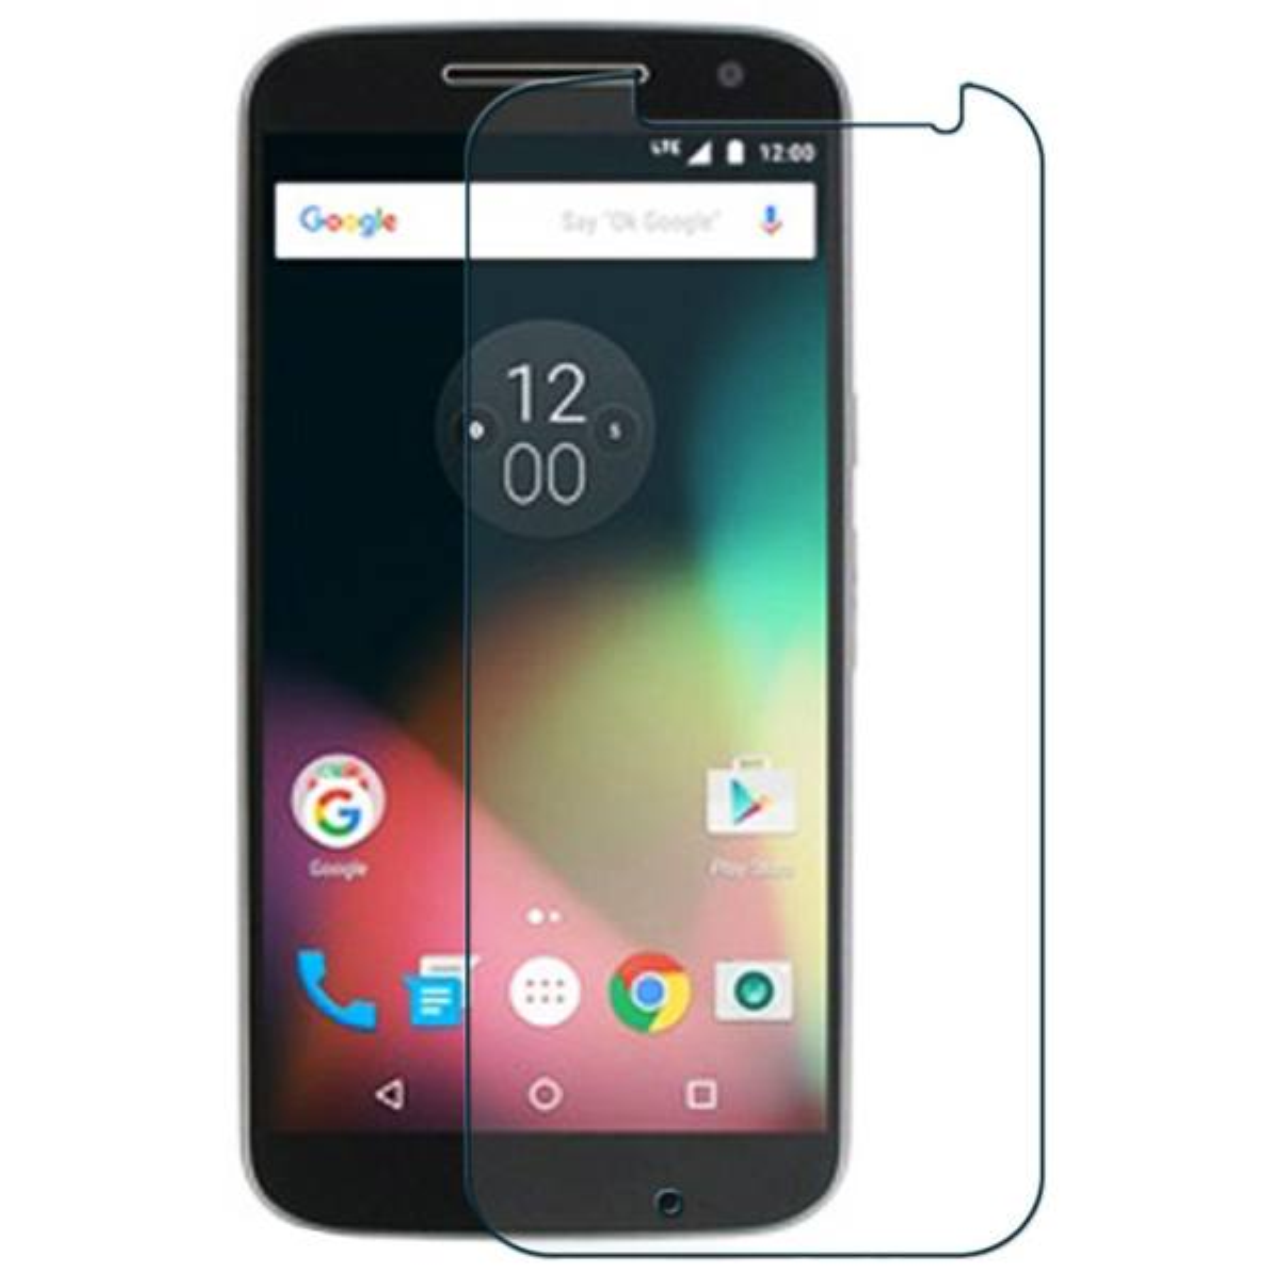 محافظ صفحه نمایش شیشه ای مدل Tempered مناسب برای گوشی موبایل موتورولا Moto G4 Play